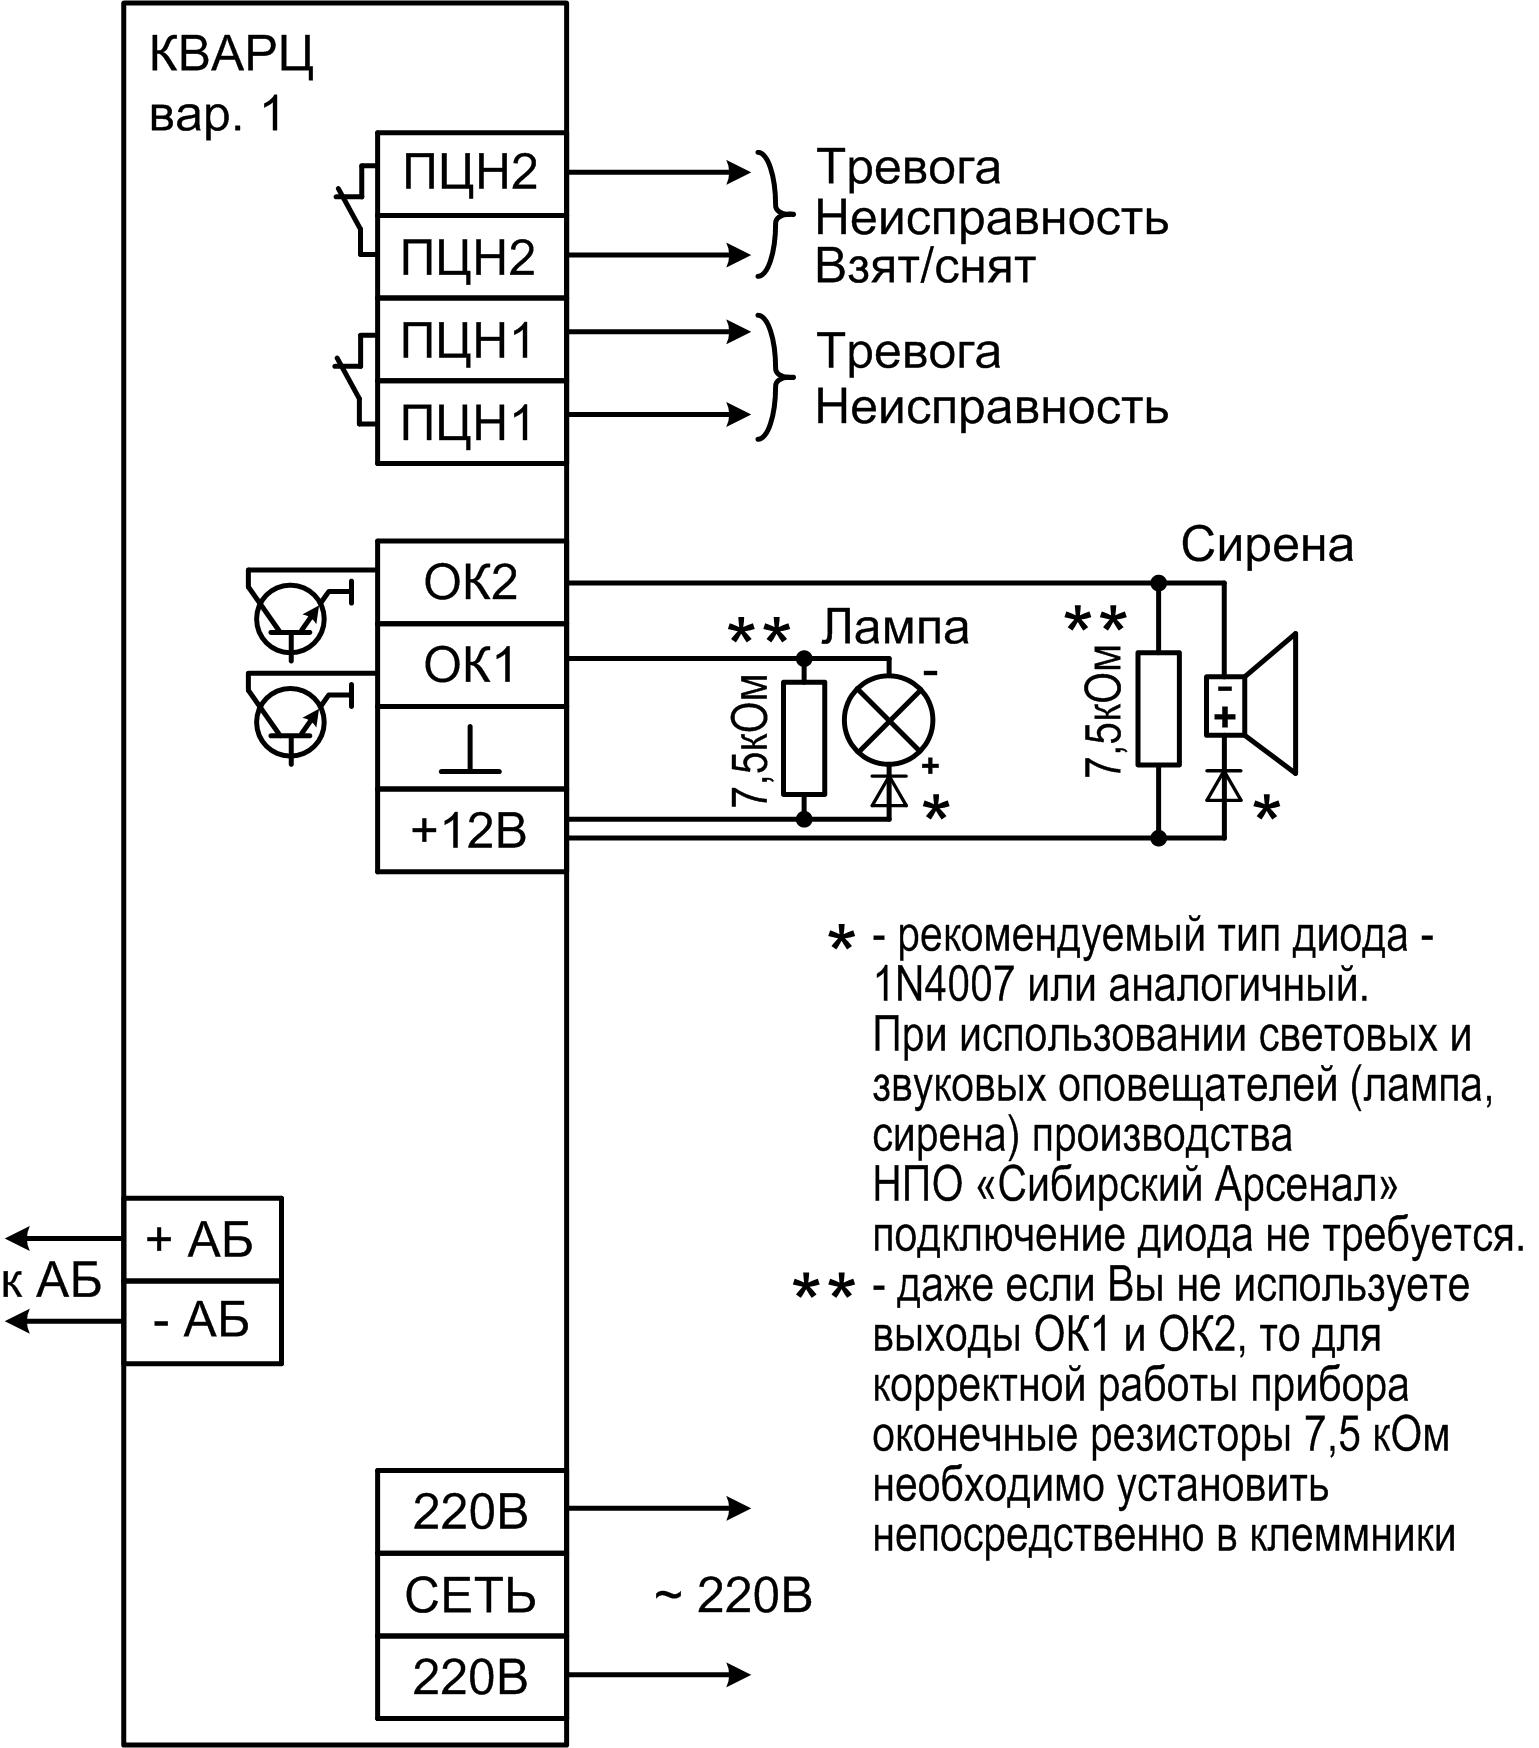 Схема пожарной сигнализации кварц фото 40